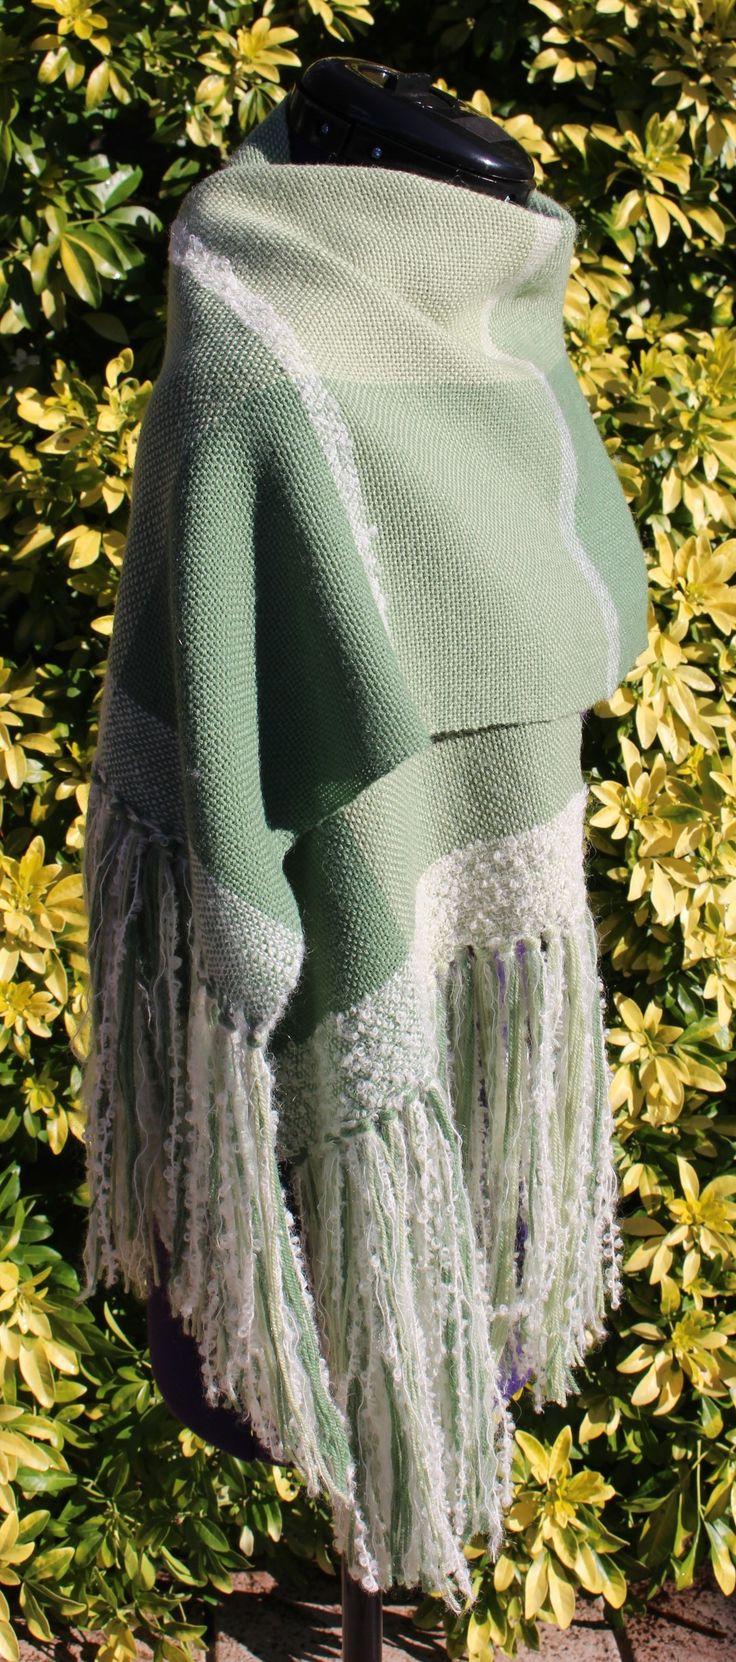 Étole écharpe tissée main en laine alpaga mohair tons vert et blanc avec franges https://www.alittlemarket.com/boutique/chaliere-2339933.html